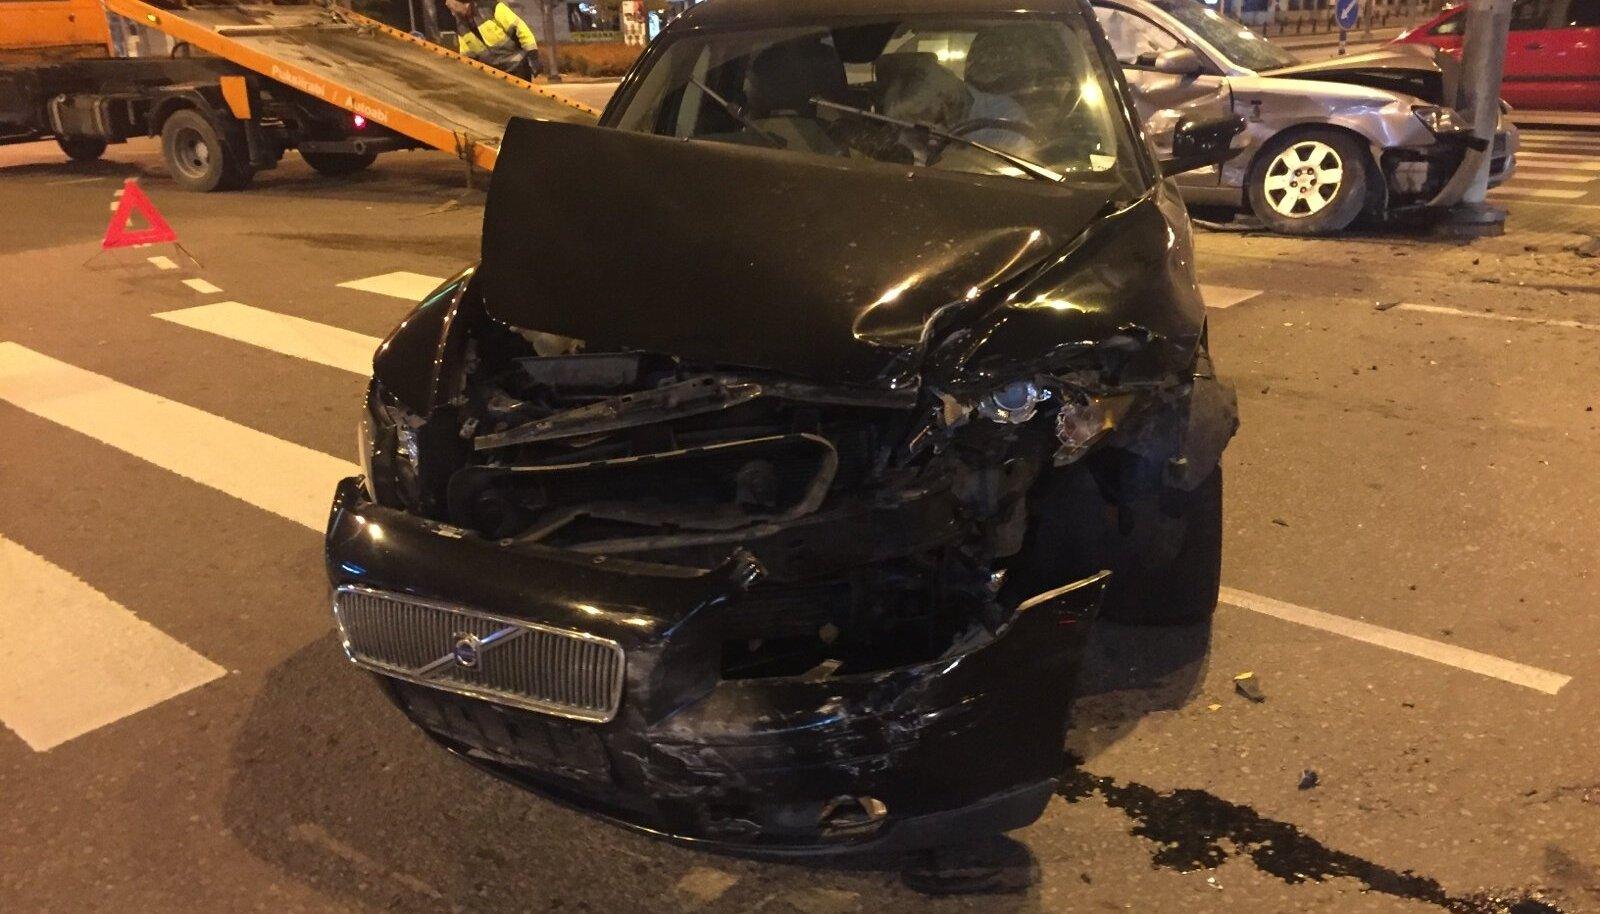 Takso ja sõiduauto Hyundai põrkasid Stockmanni lähedal kokku, Hyundai sõitis vastu posti